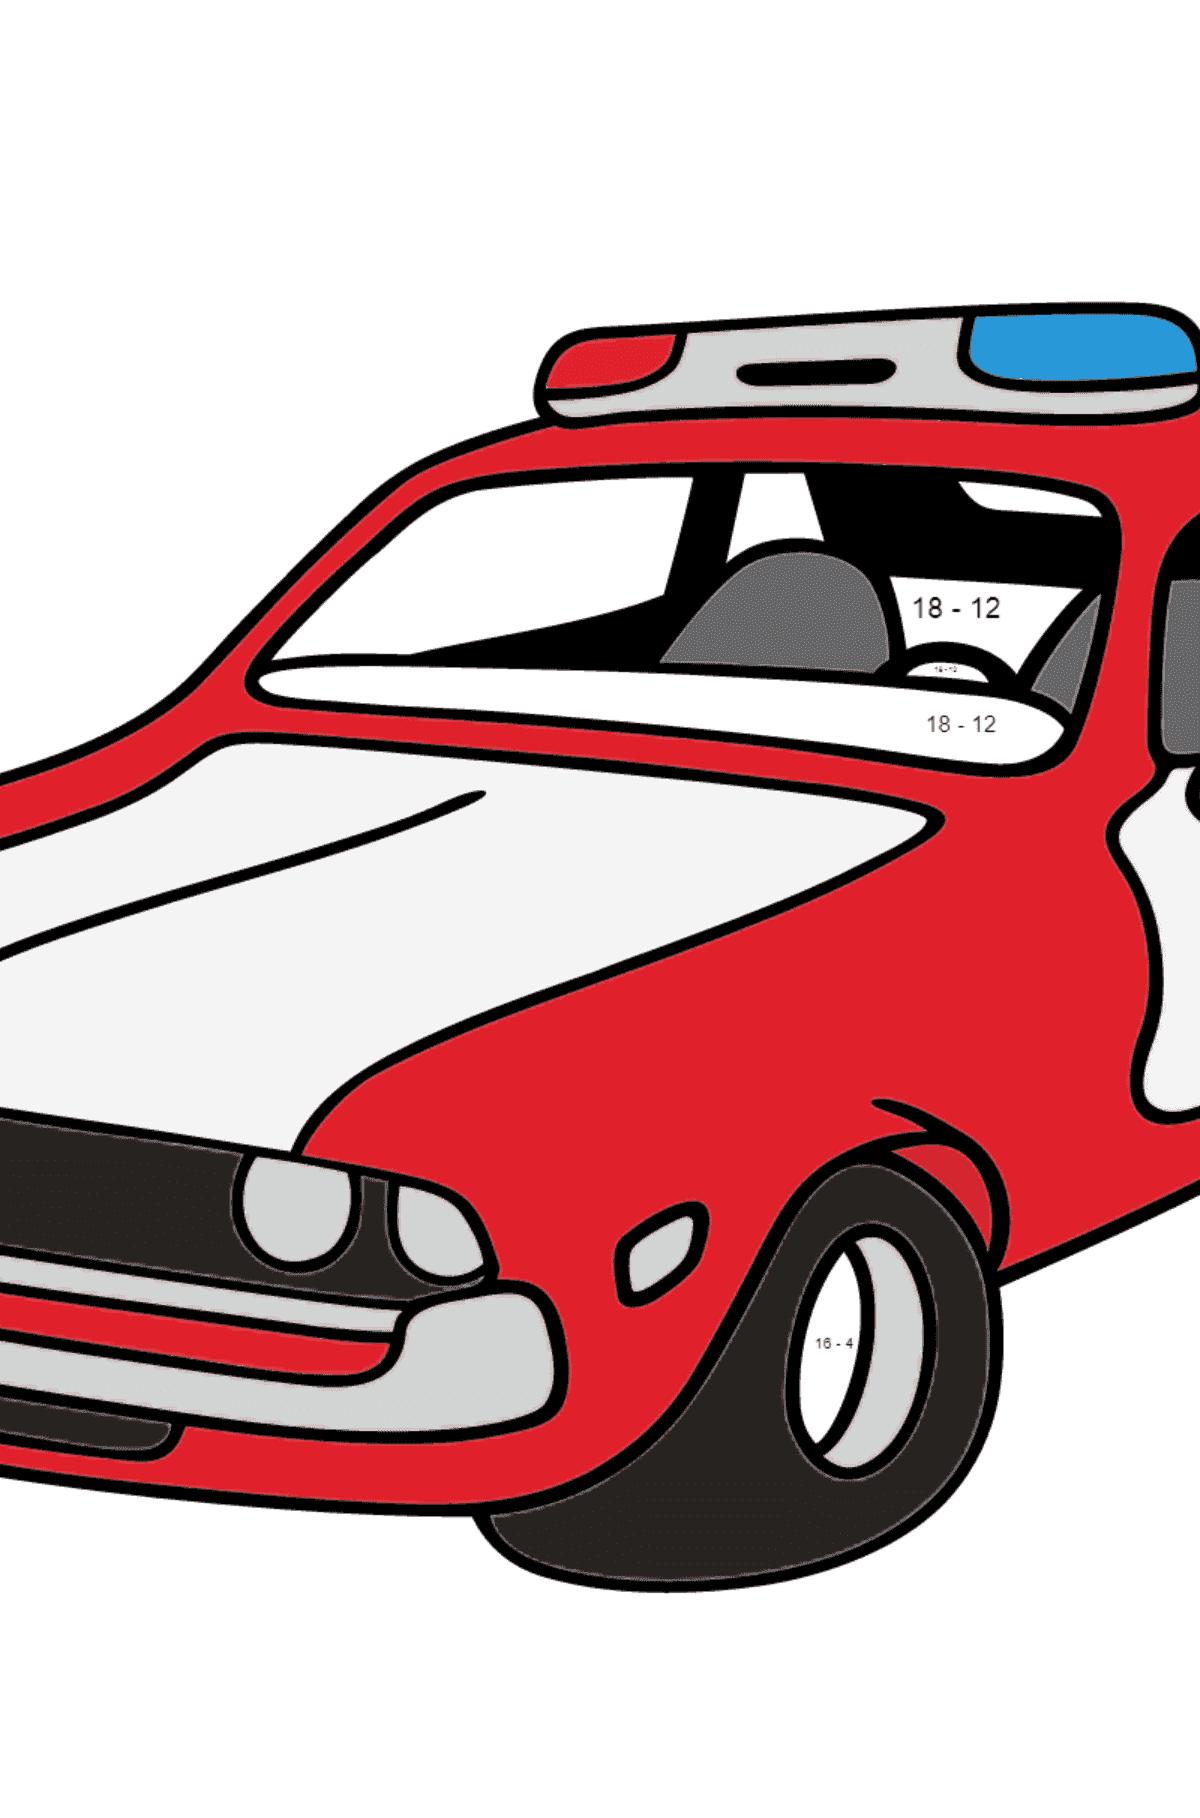 Ausmalseite - Ein rot-weißes Polizeiauto